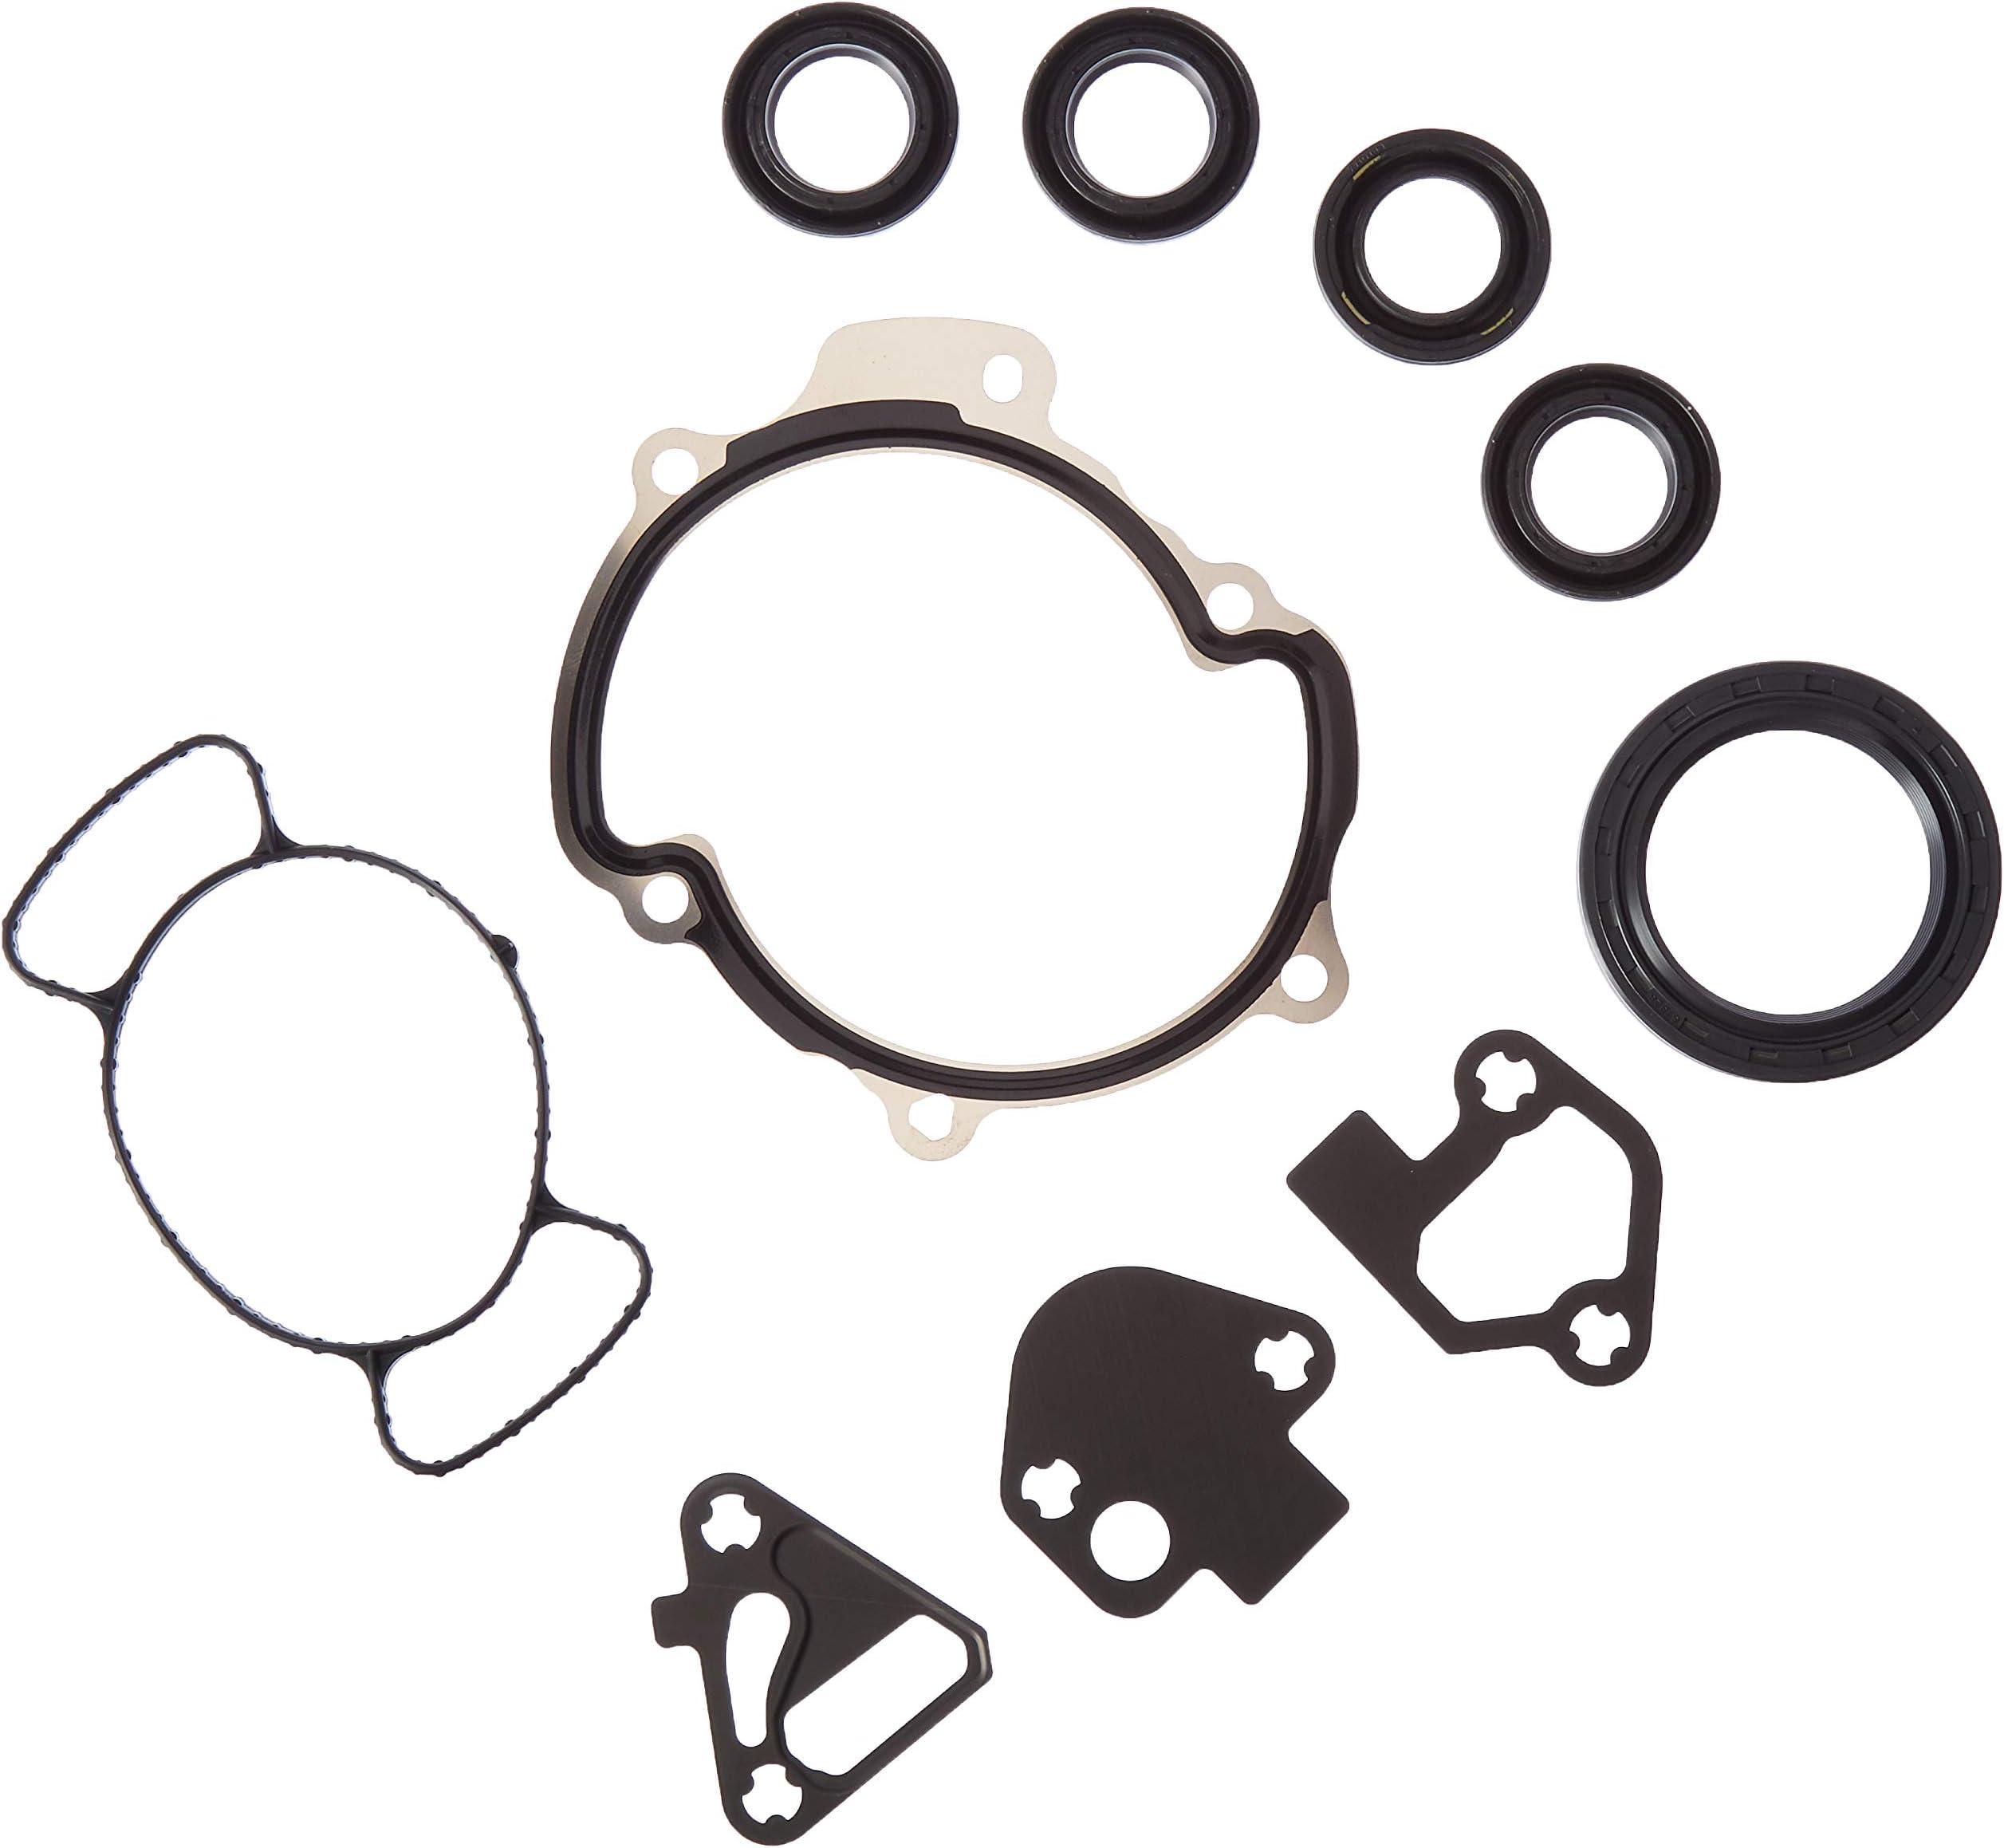 MAHLE JV5207 Engine Timing Cover Gasket Set